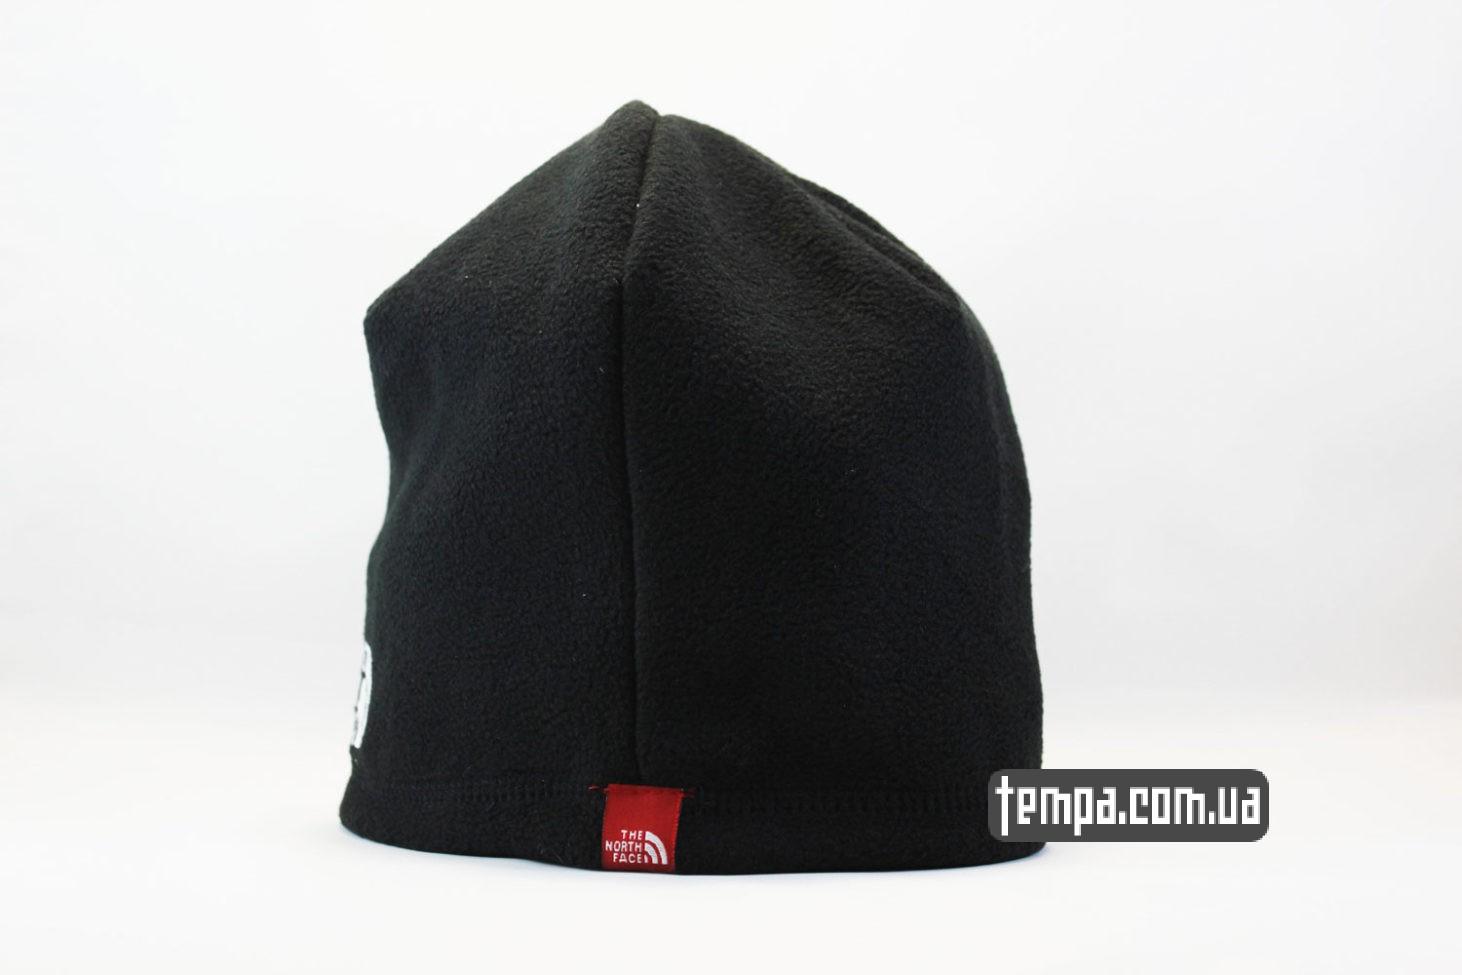 купить оригинал шапка beanie the north face black черная оригинал купить Украина